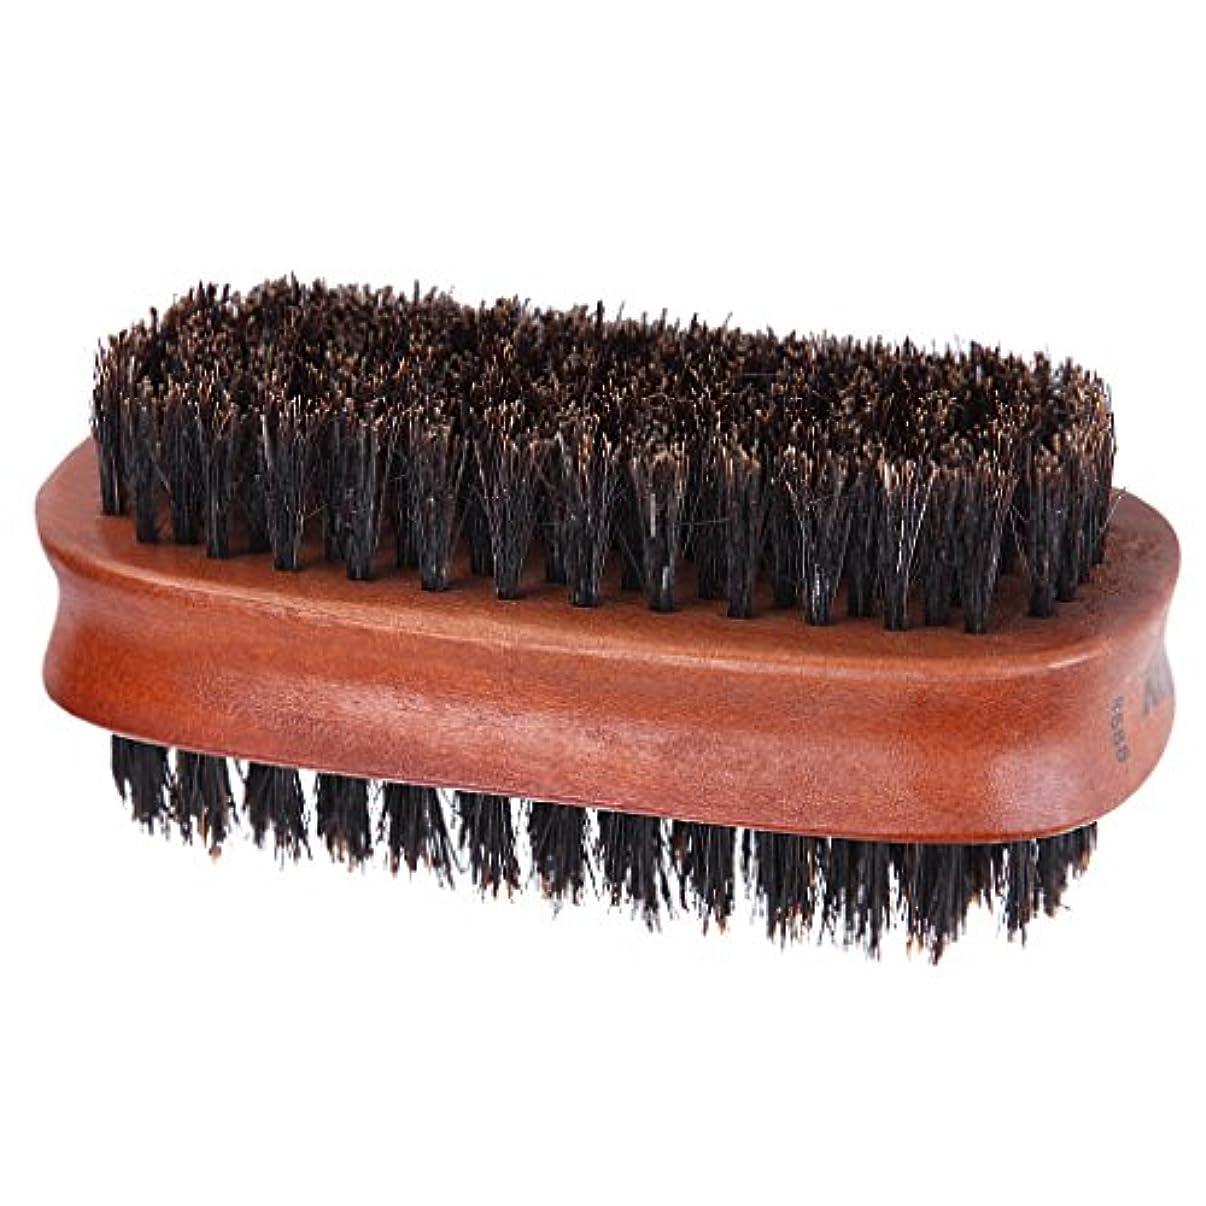 資金パターン図書館Kesoto ヘアブラシ 両面ブラシ 理髪店 美容院  ソフトブラシ ヘアカッター ダスターブラシ